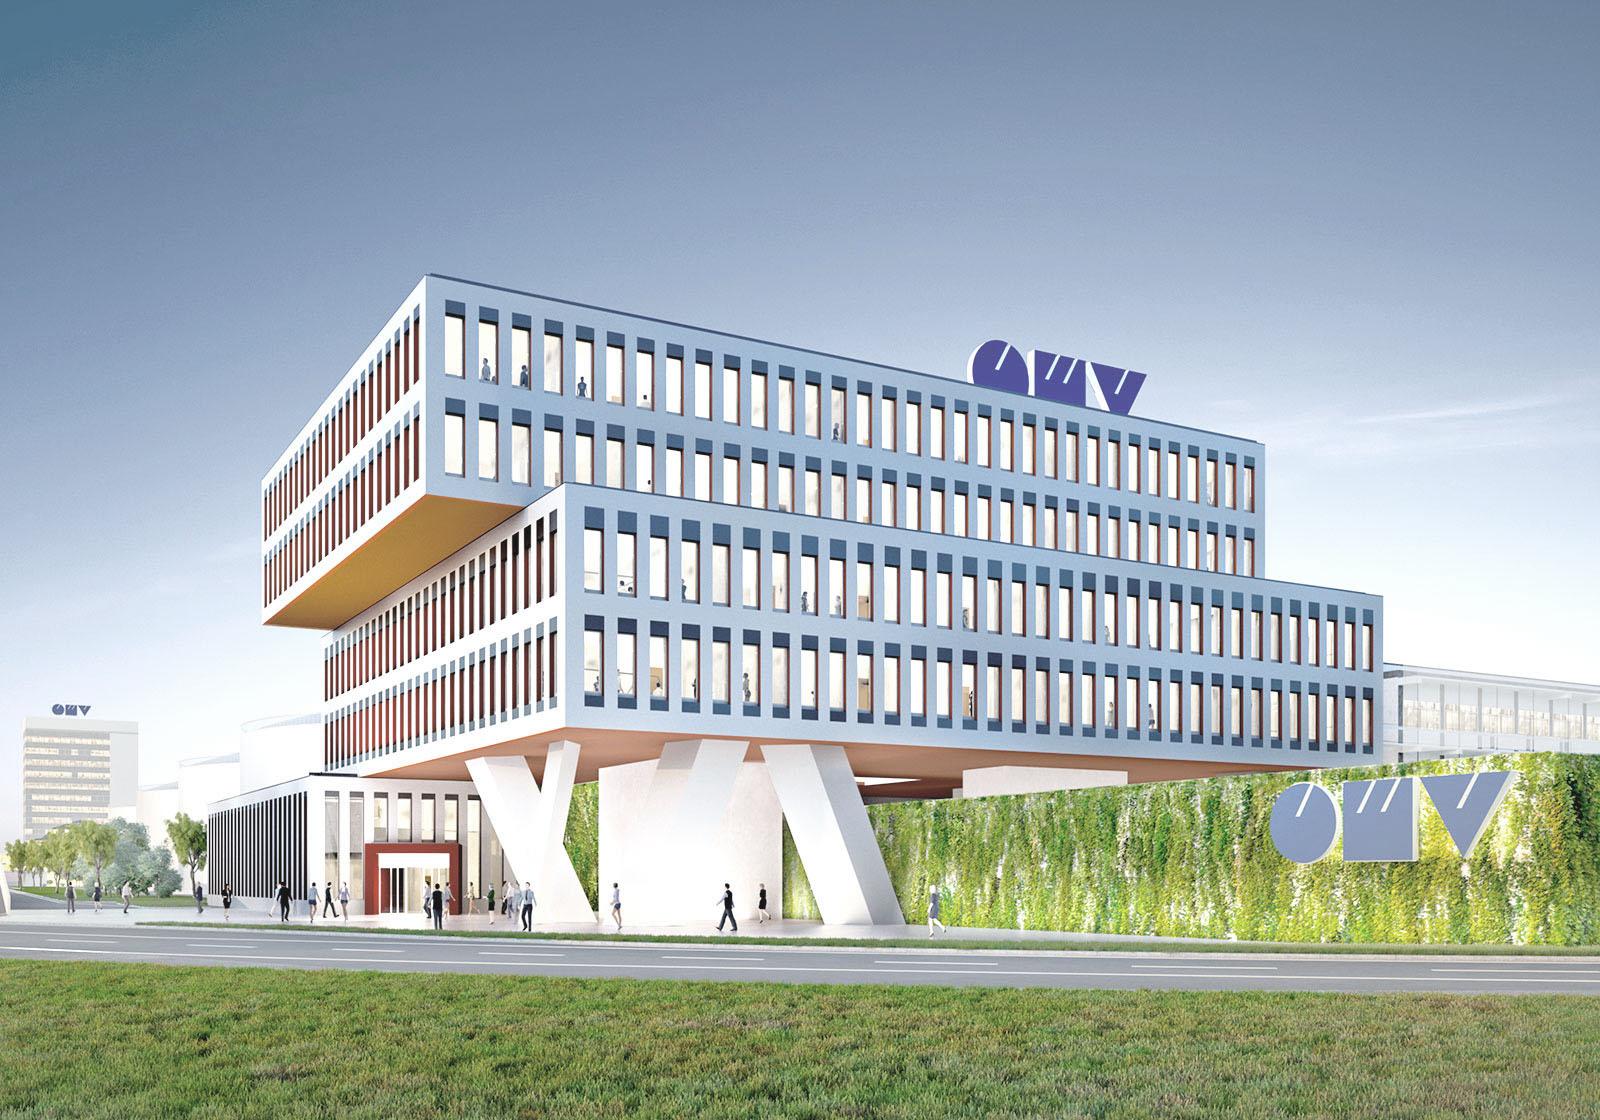 Проект главного здания OMV в качестве входного элемента на территорию нефтезавода. Визуализация: Telegram 71, Giacomo Dodich